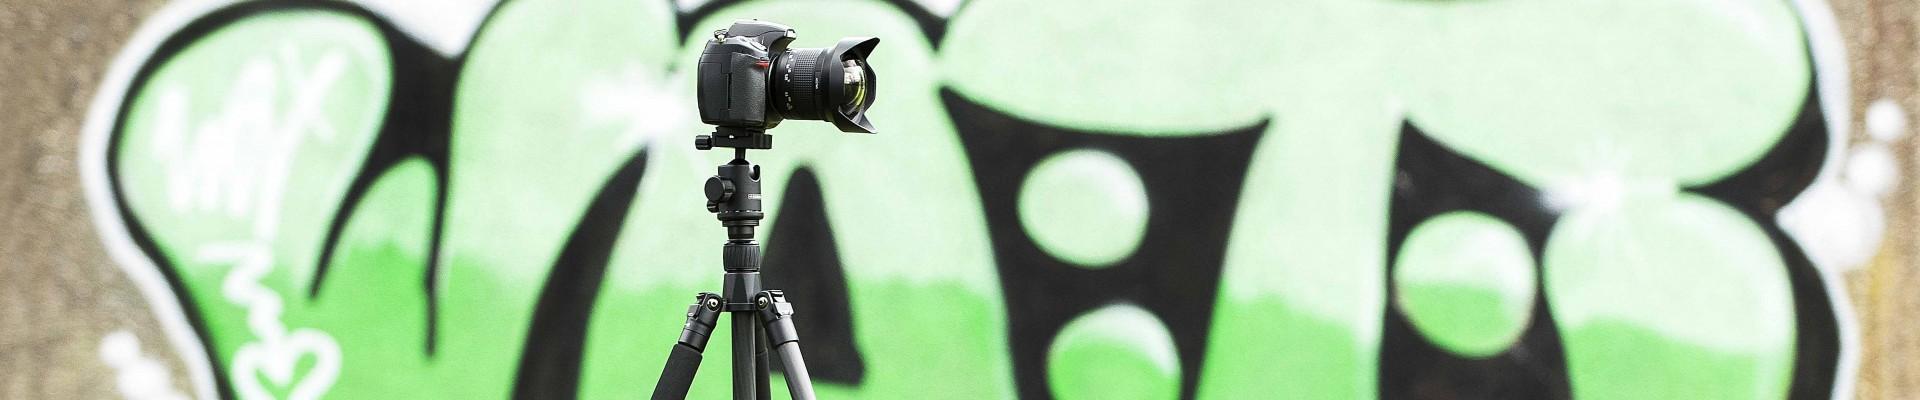 Caruba: a wide range of photo and video accessories